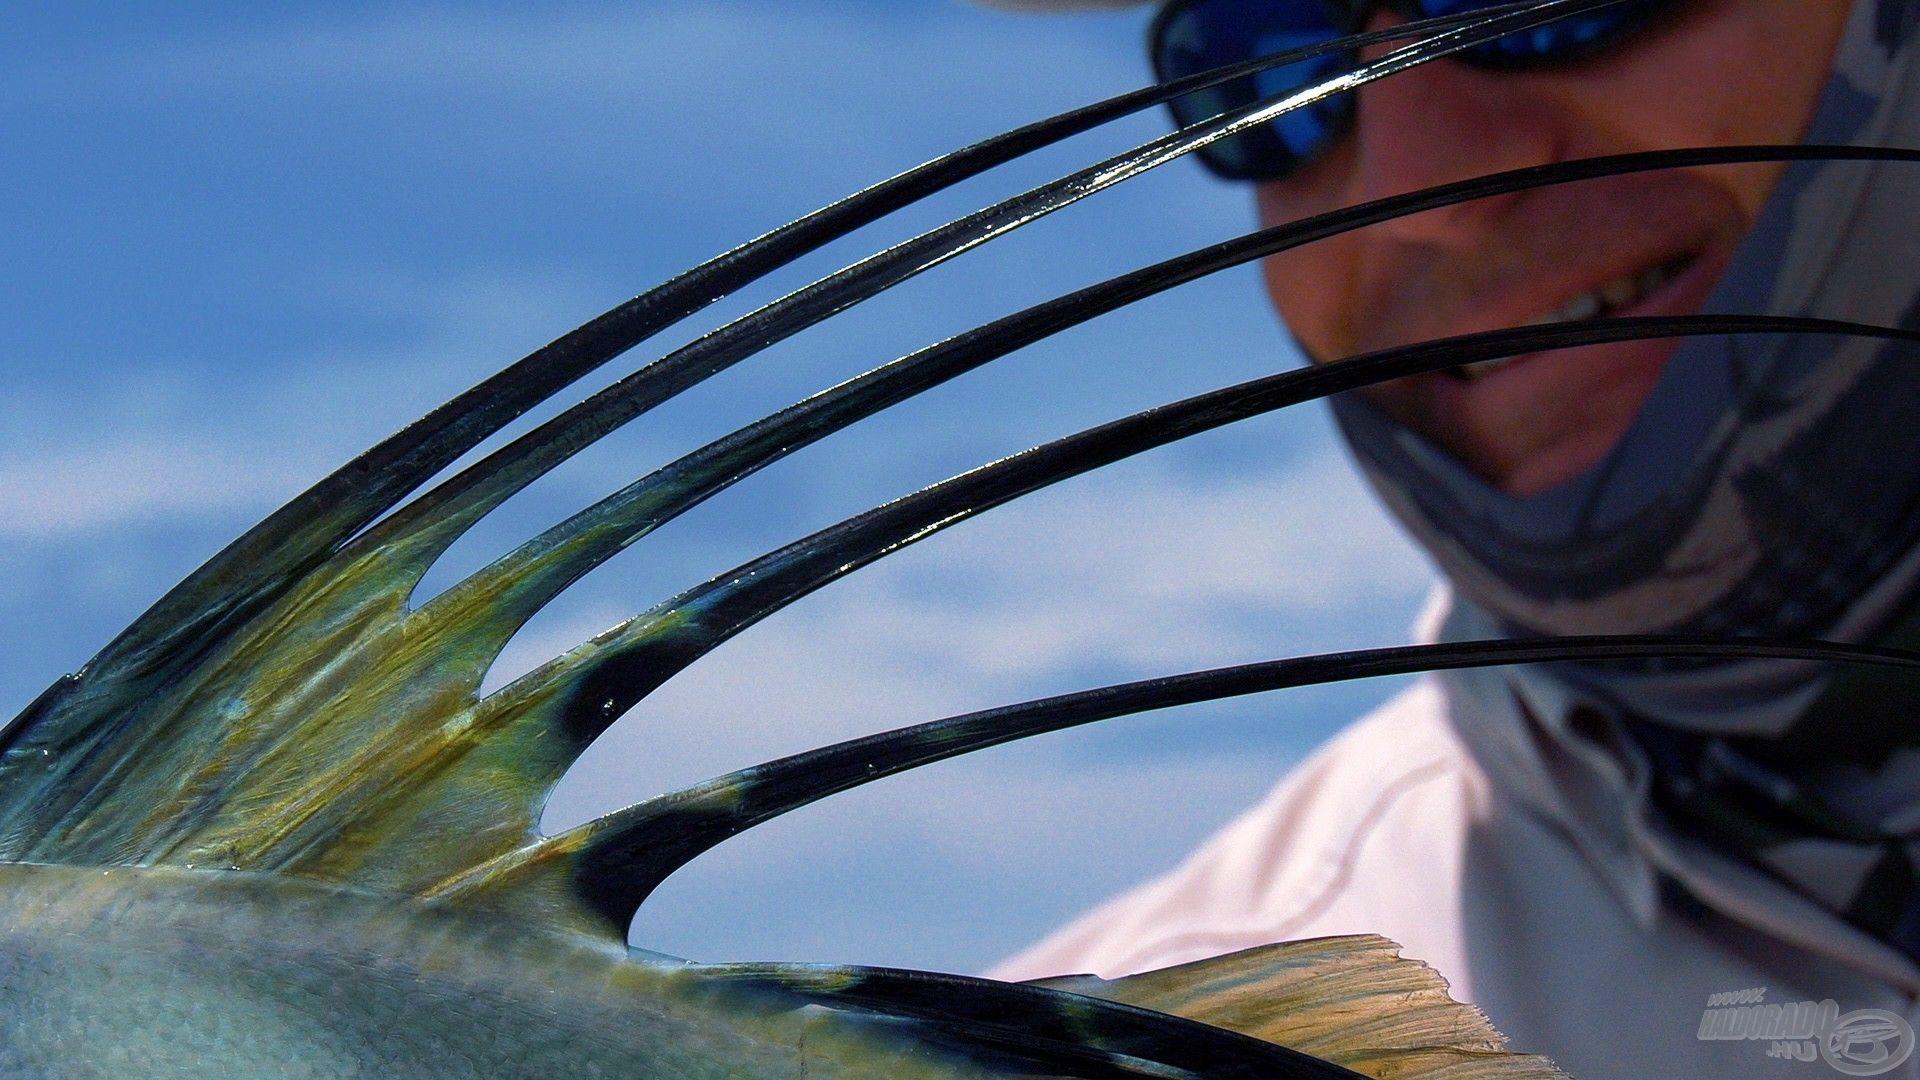 Ezek a csodás hátúszók teszik különlegessé ezt a halat